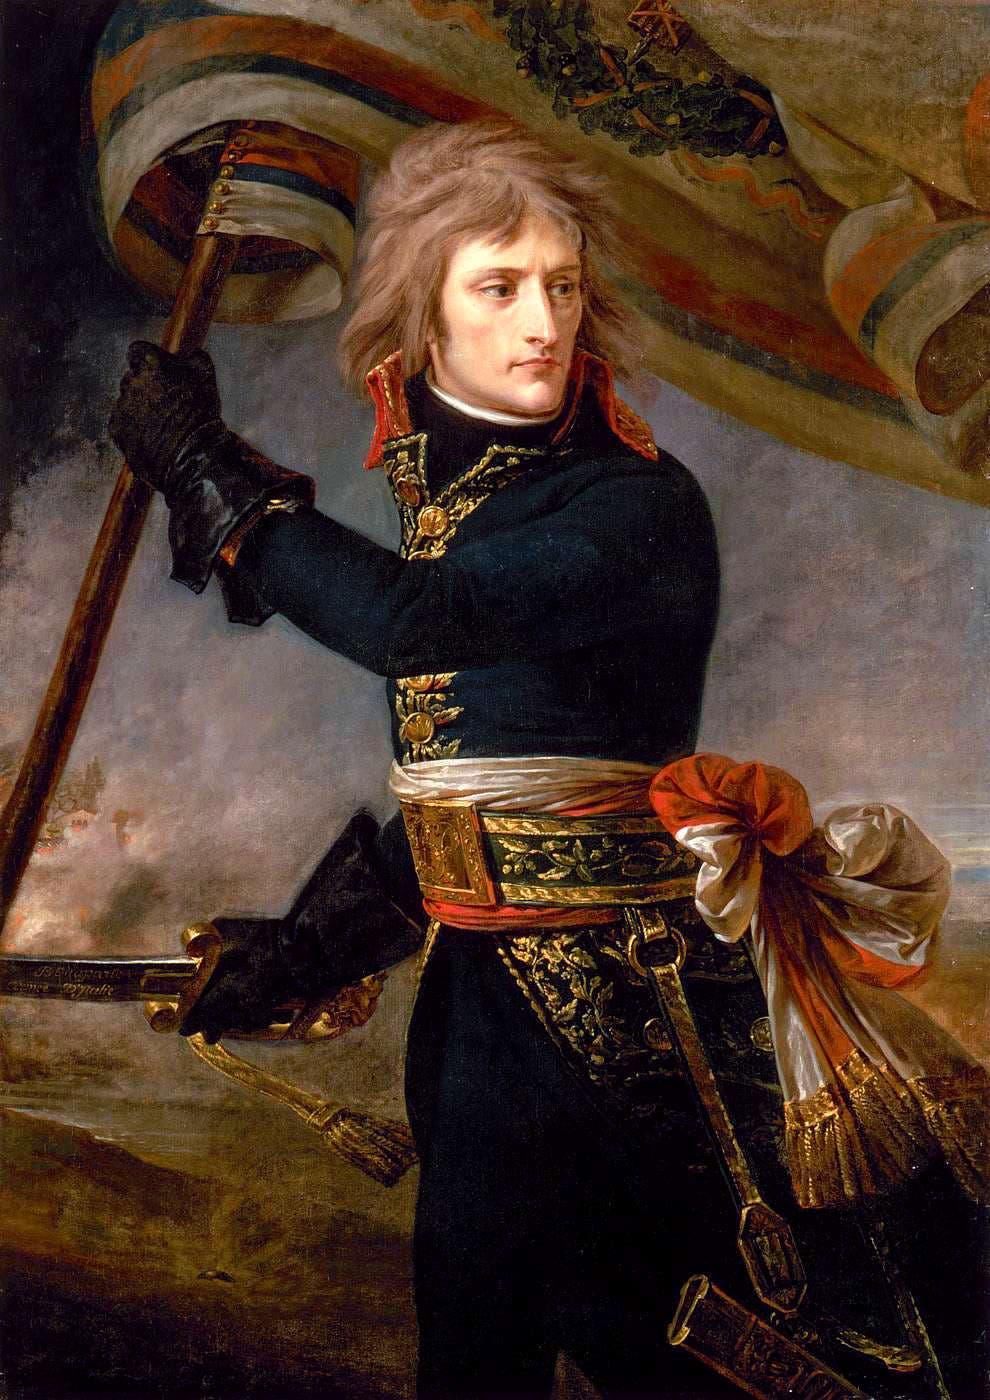 صورة لنابليون بونابرت وهو بثياب الجنرال في شبابه